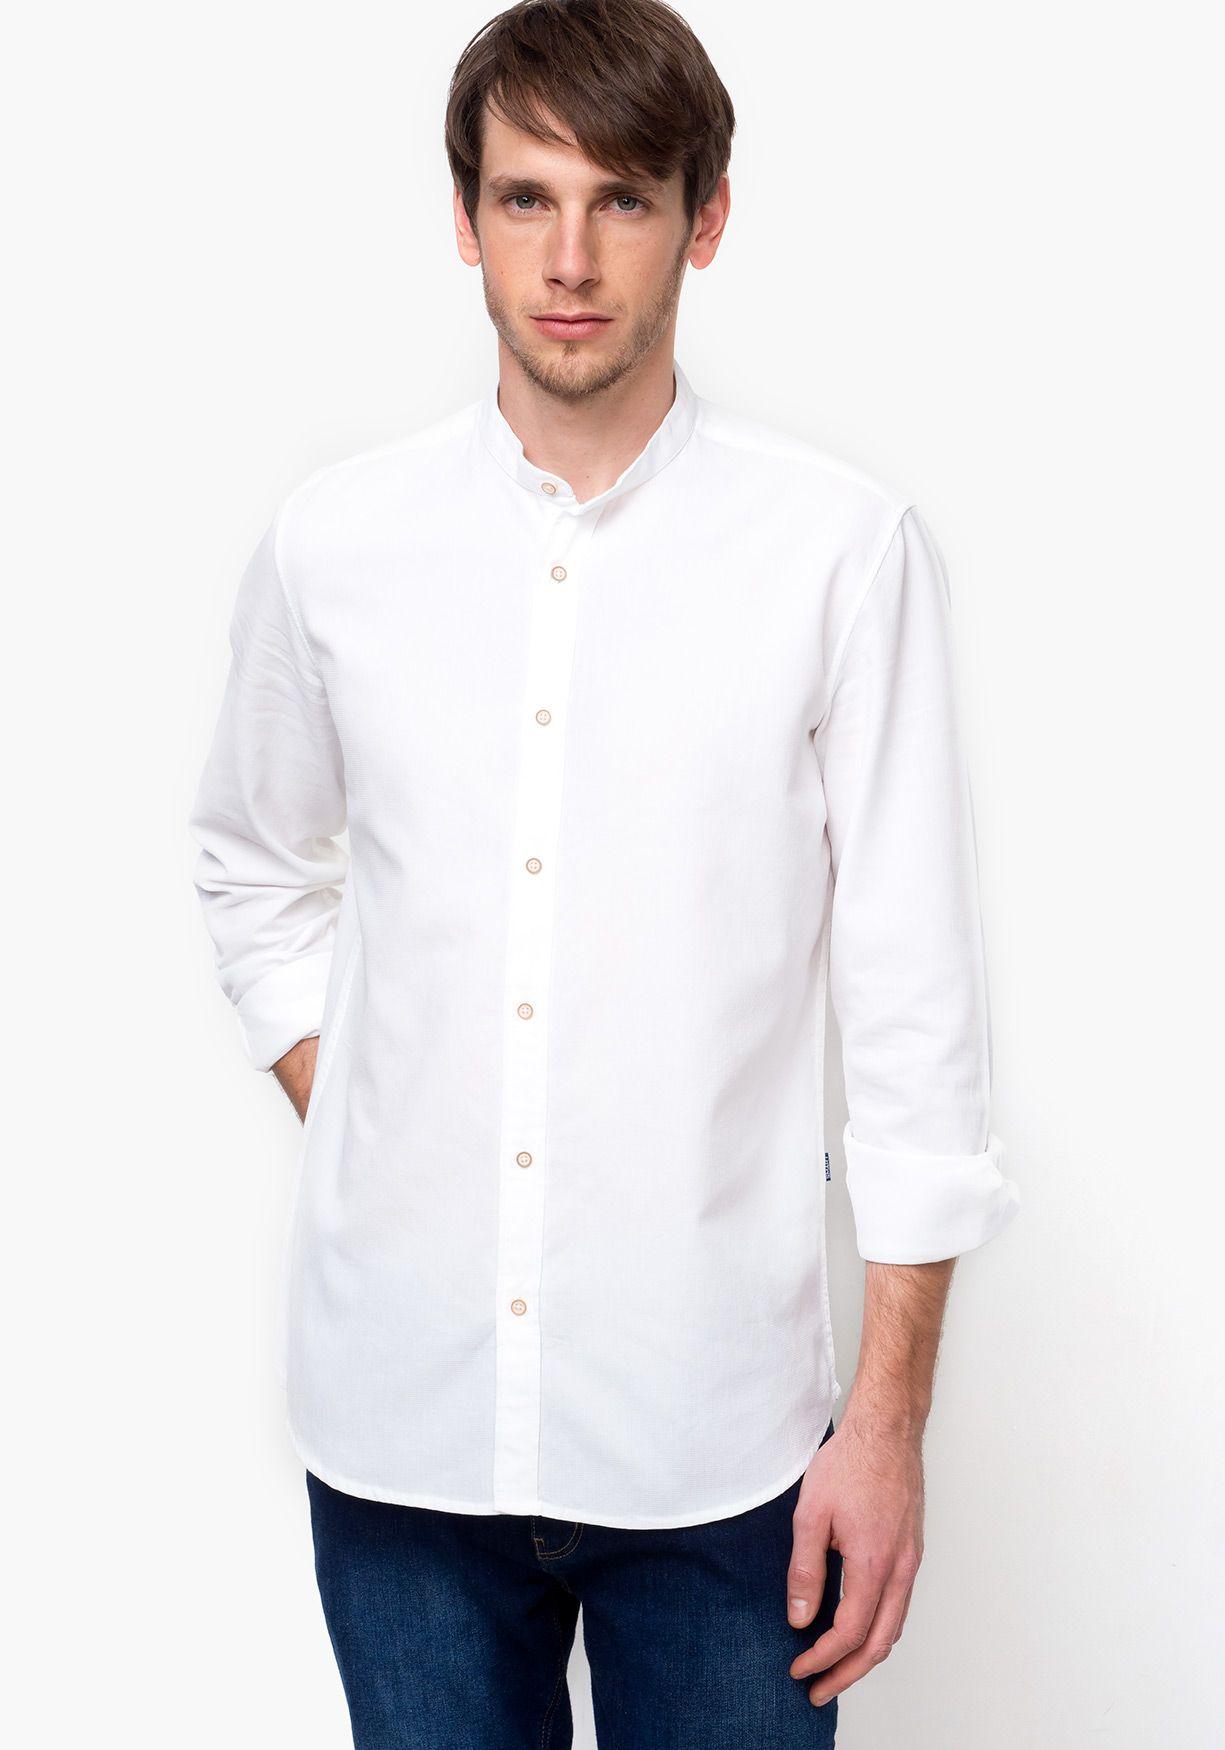 Camisa De Manga Larga Angel amp;marse Camisas TexBoda Estructura DHEYW29I